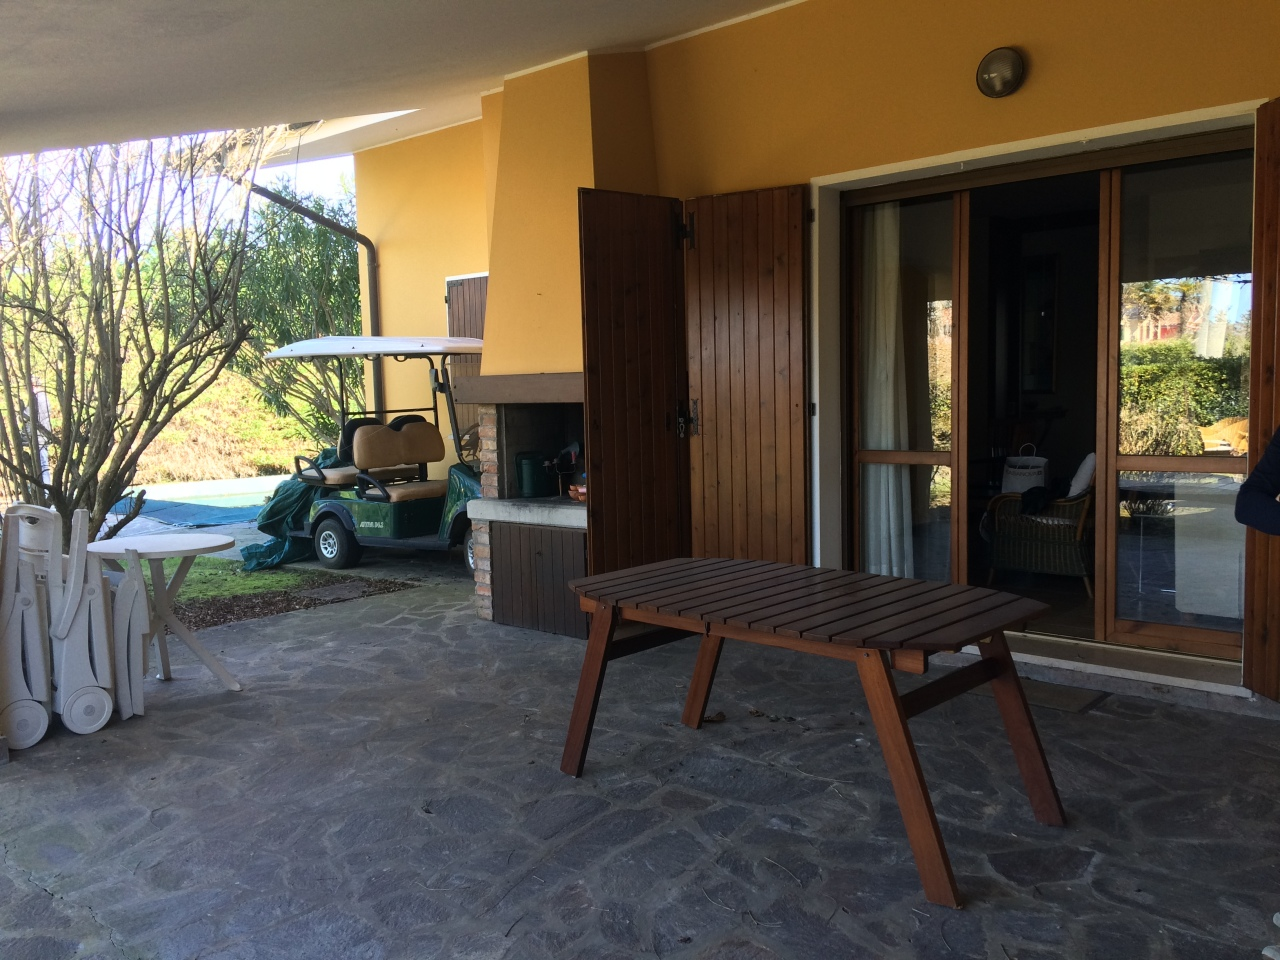 Soluzione Indipendente in vendita a Rosolina, 3 locali, prezzo € 650.000 | CambioCasa.it